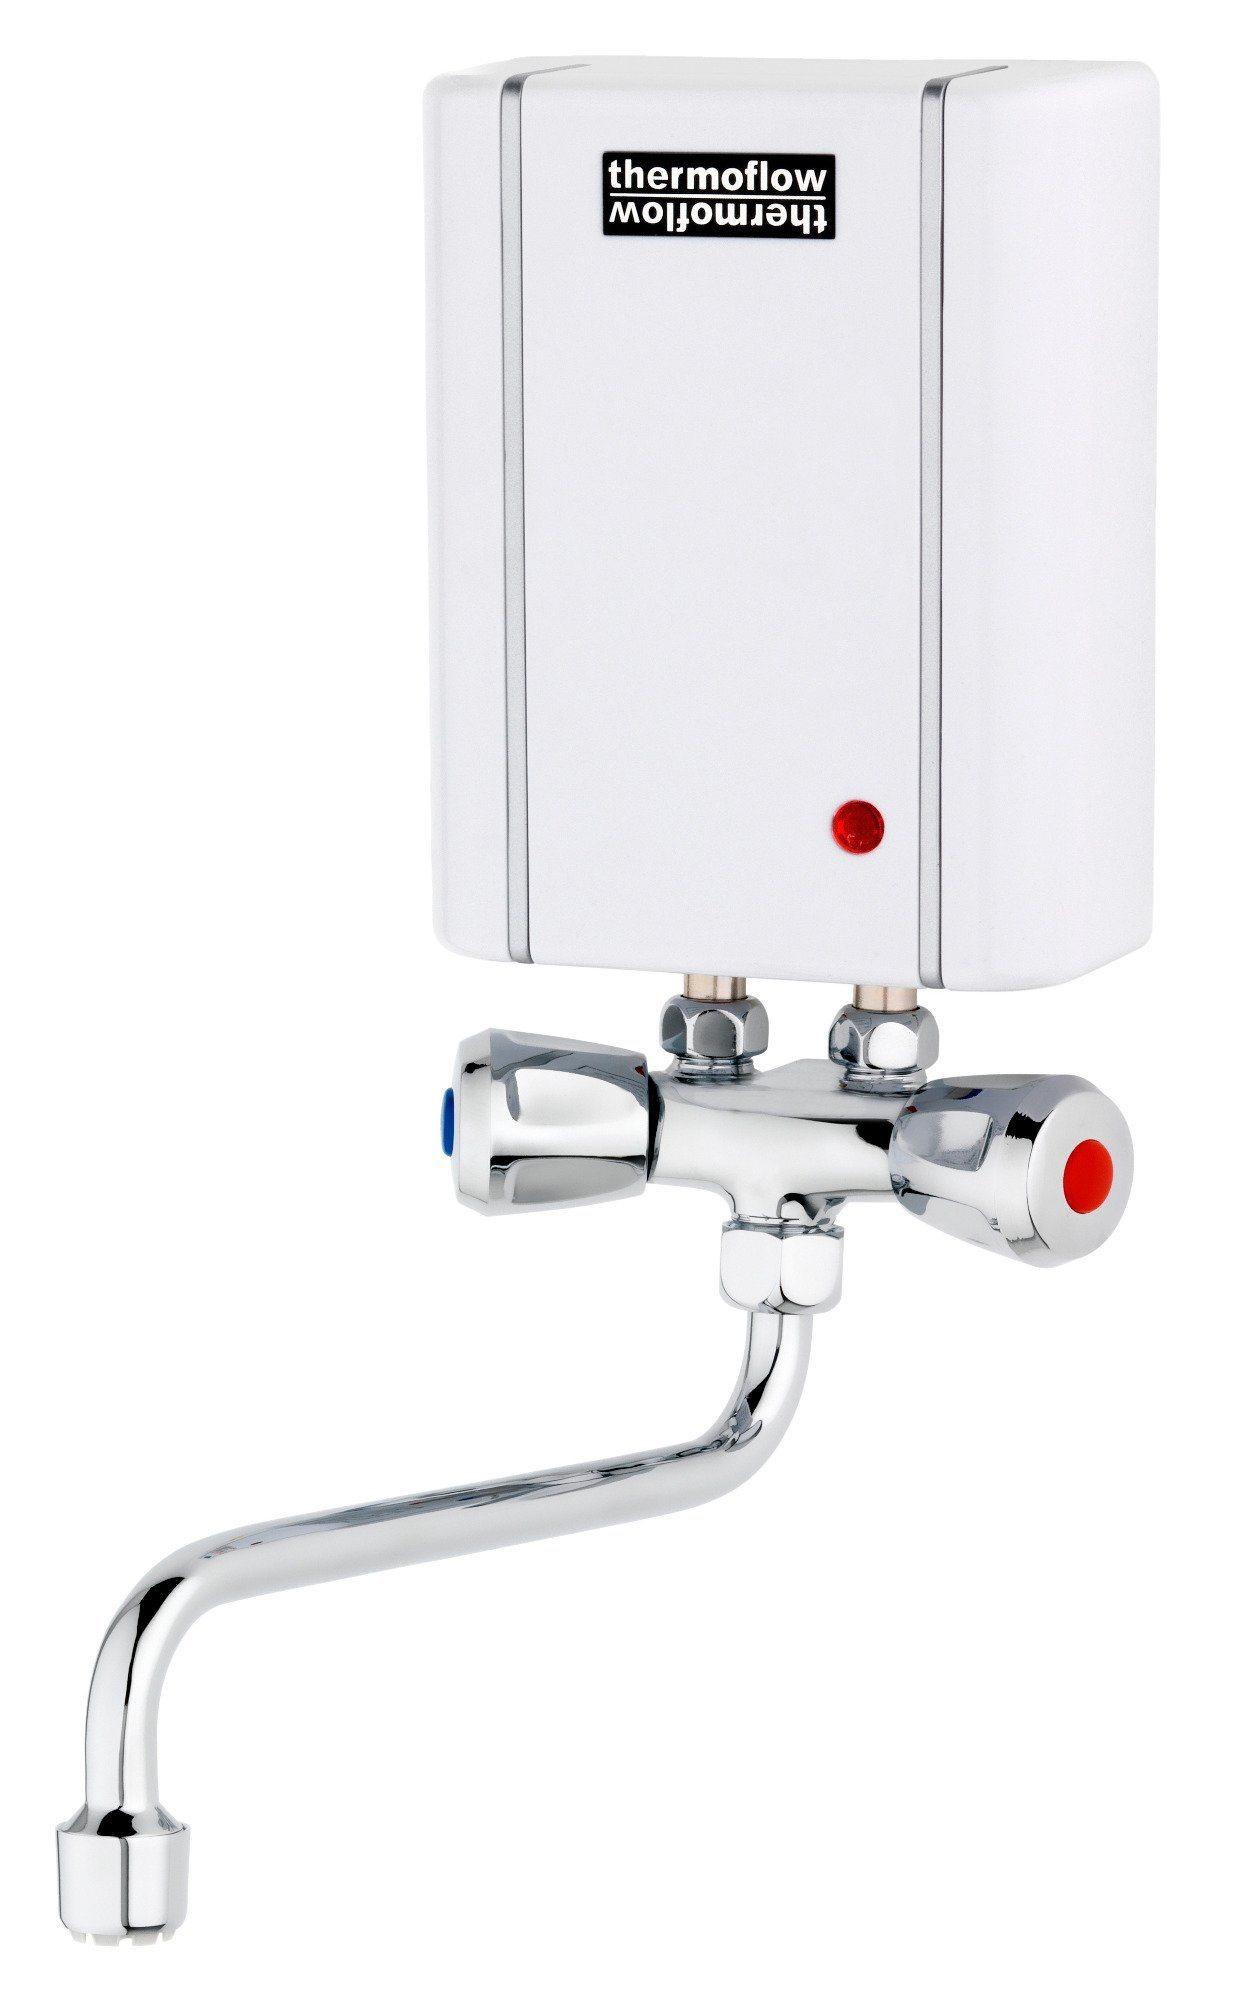 RESPEKTA : Kleindurchlauferhitzer »Thermoflow Elex 3,5«, mit Armatur | Baumarkt > Heizung und Klima > Durchlauferhitzer | RESPEKTA